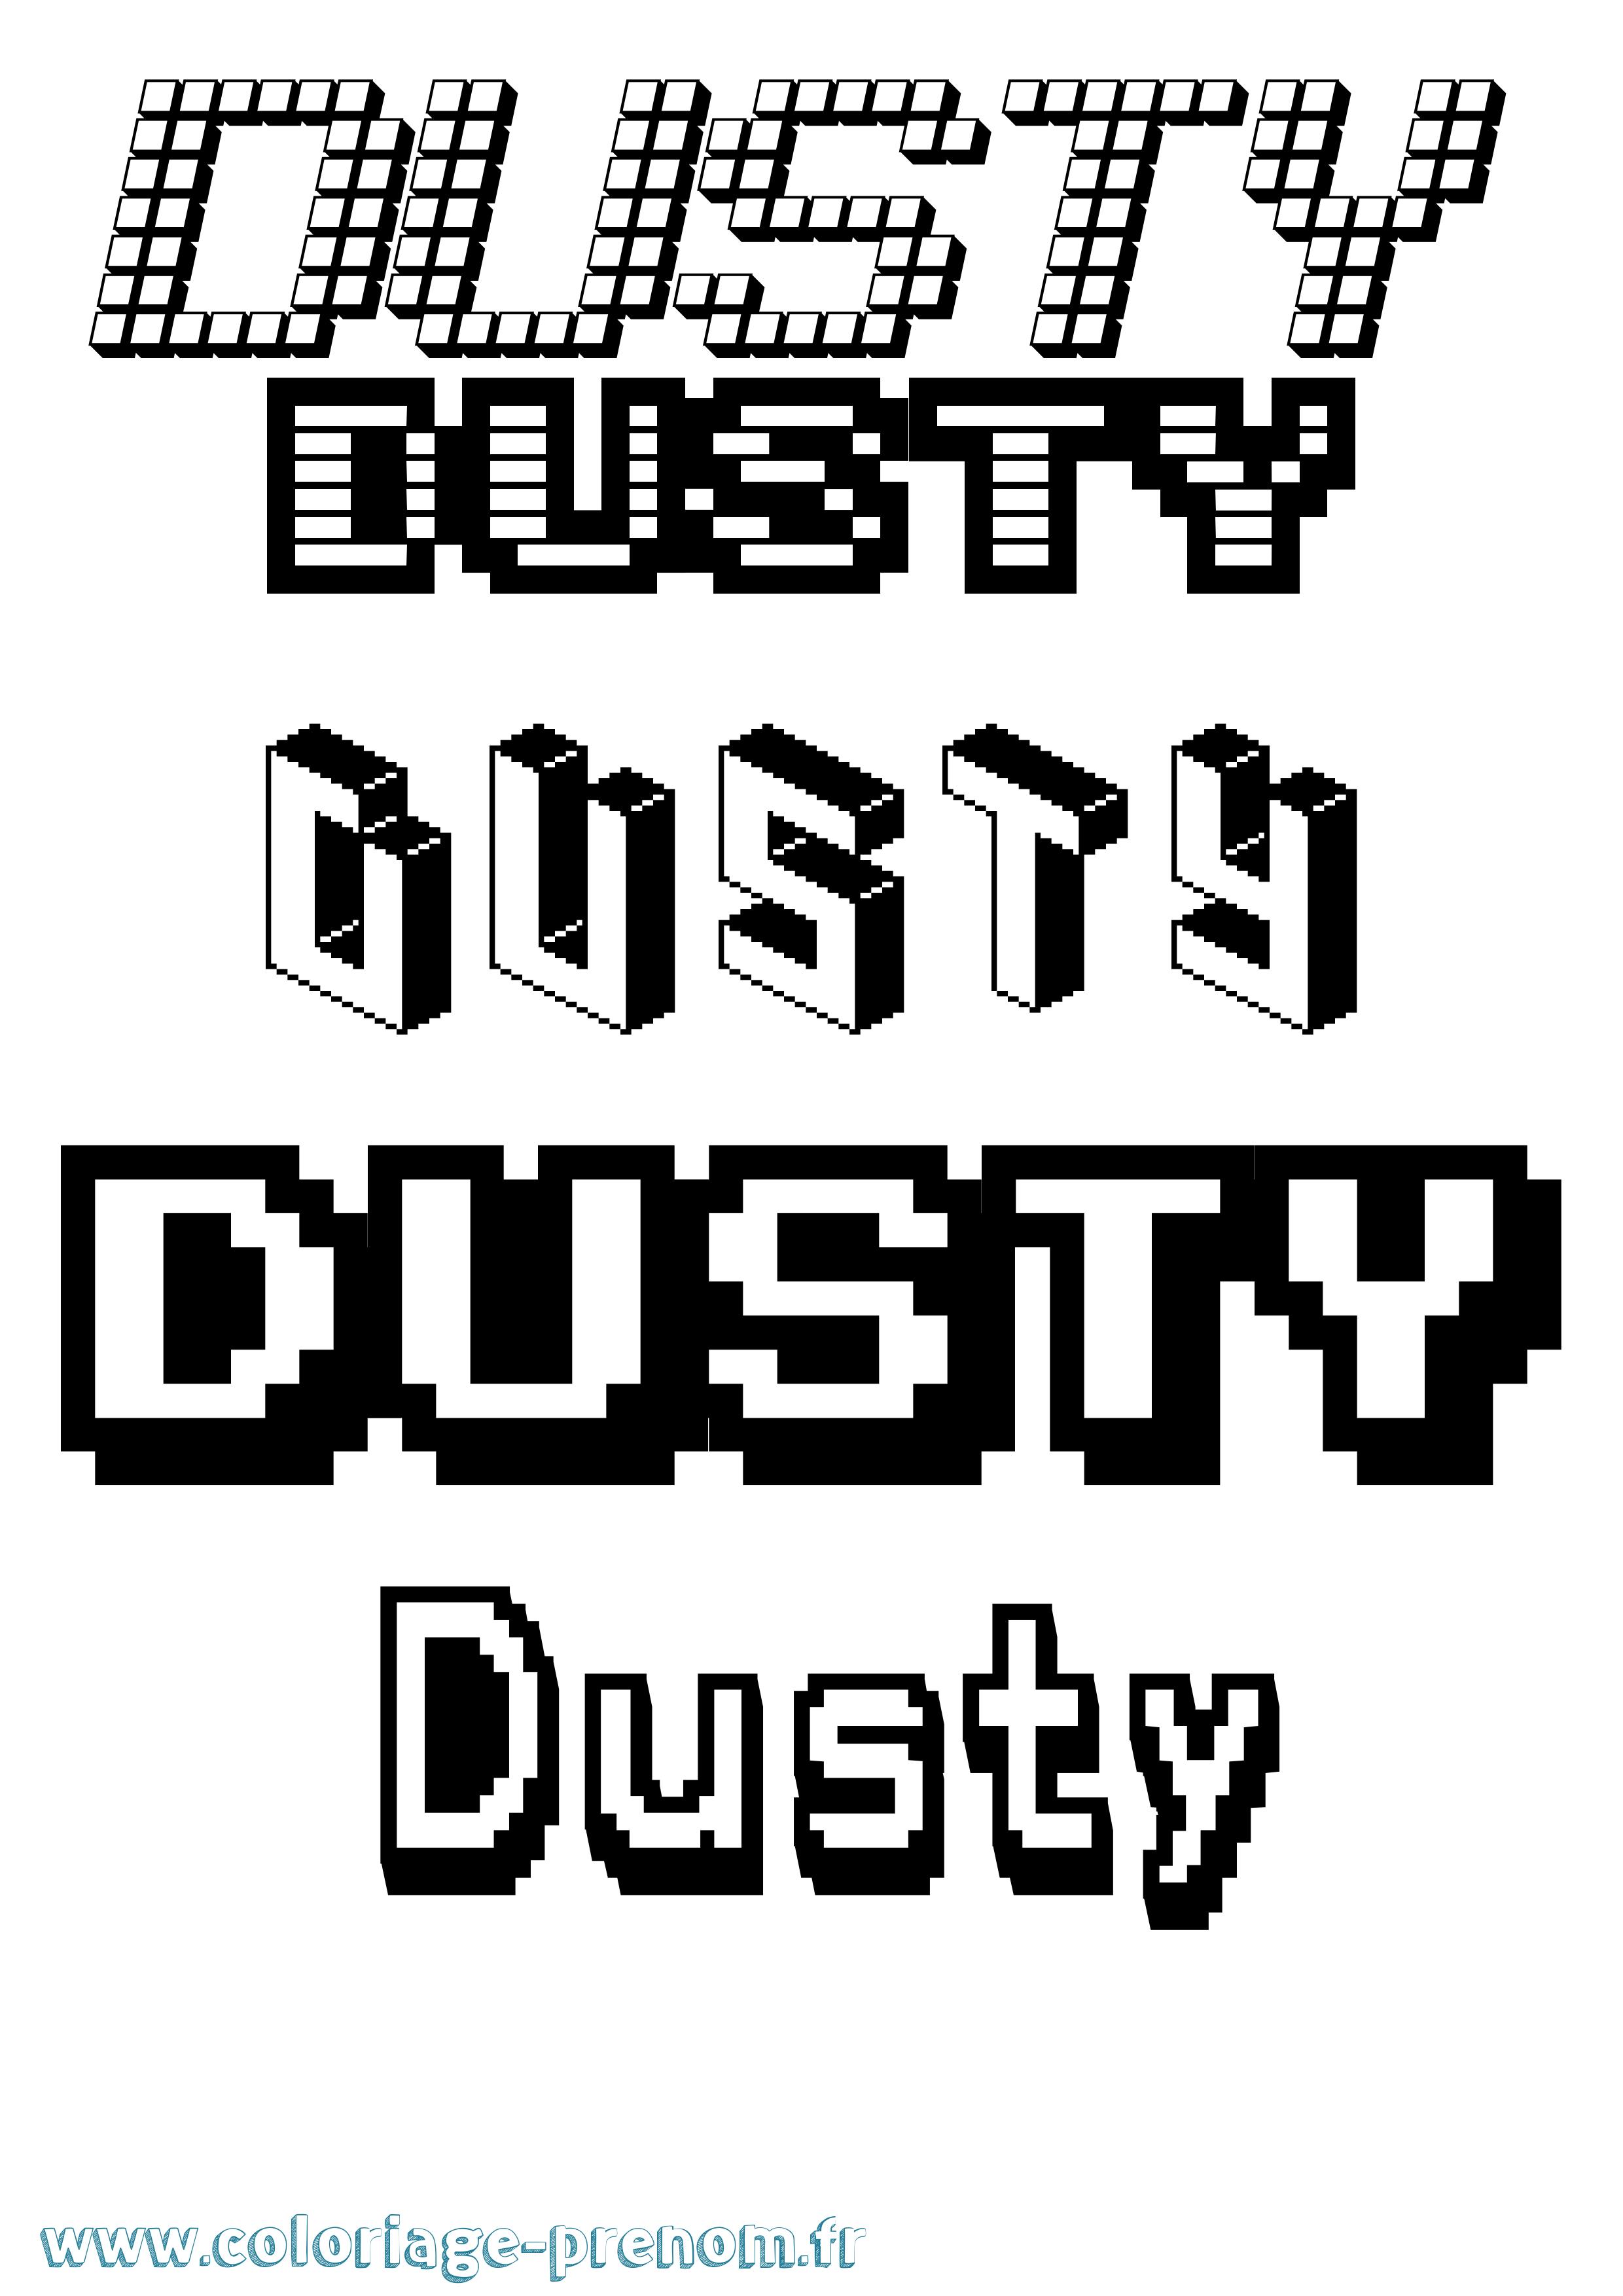 Coloriage du prénom Dusty : à Imprimer ou Télécharger ...